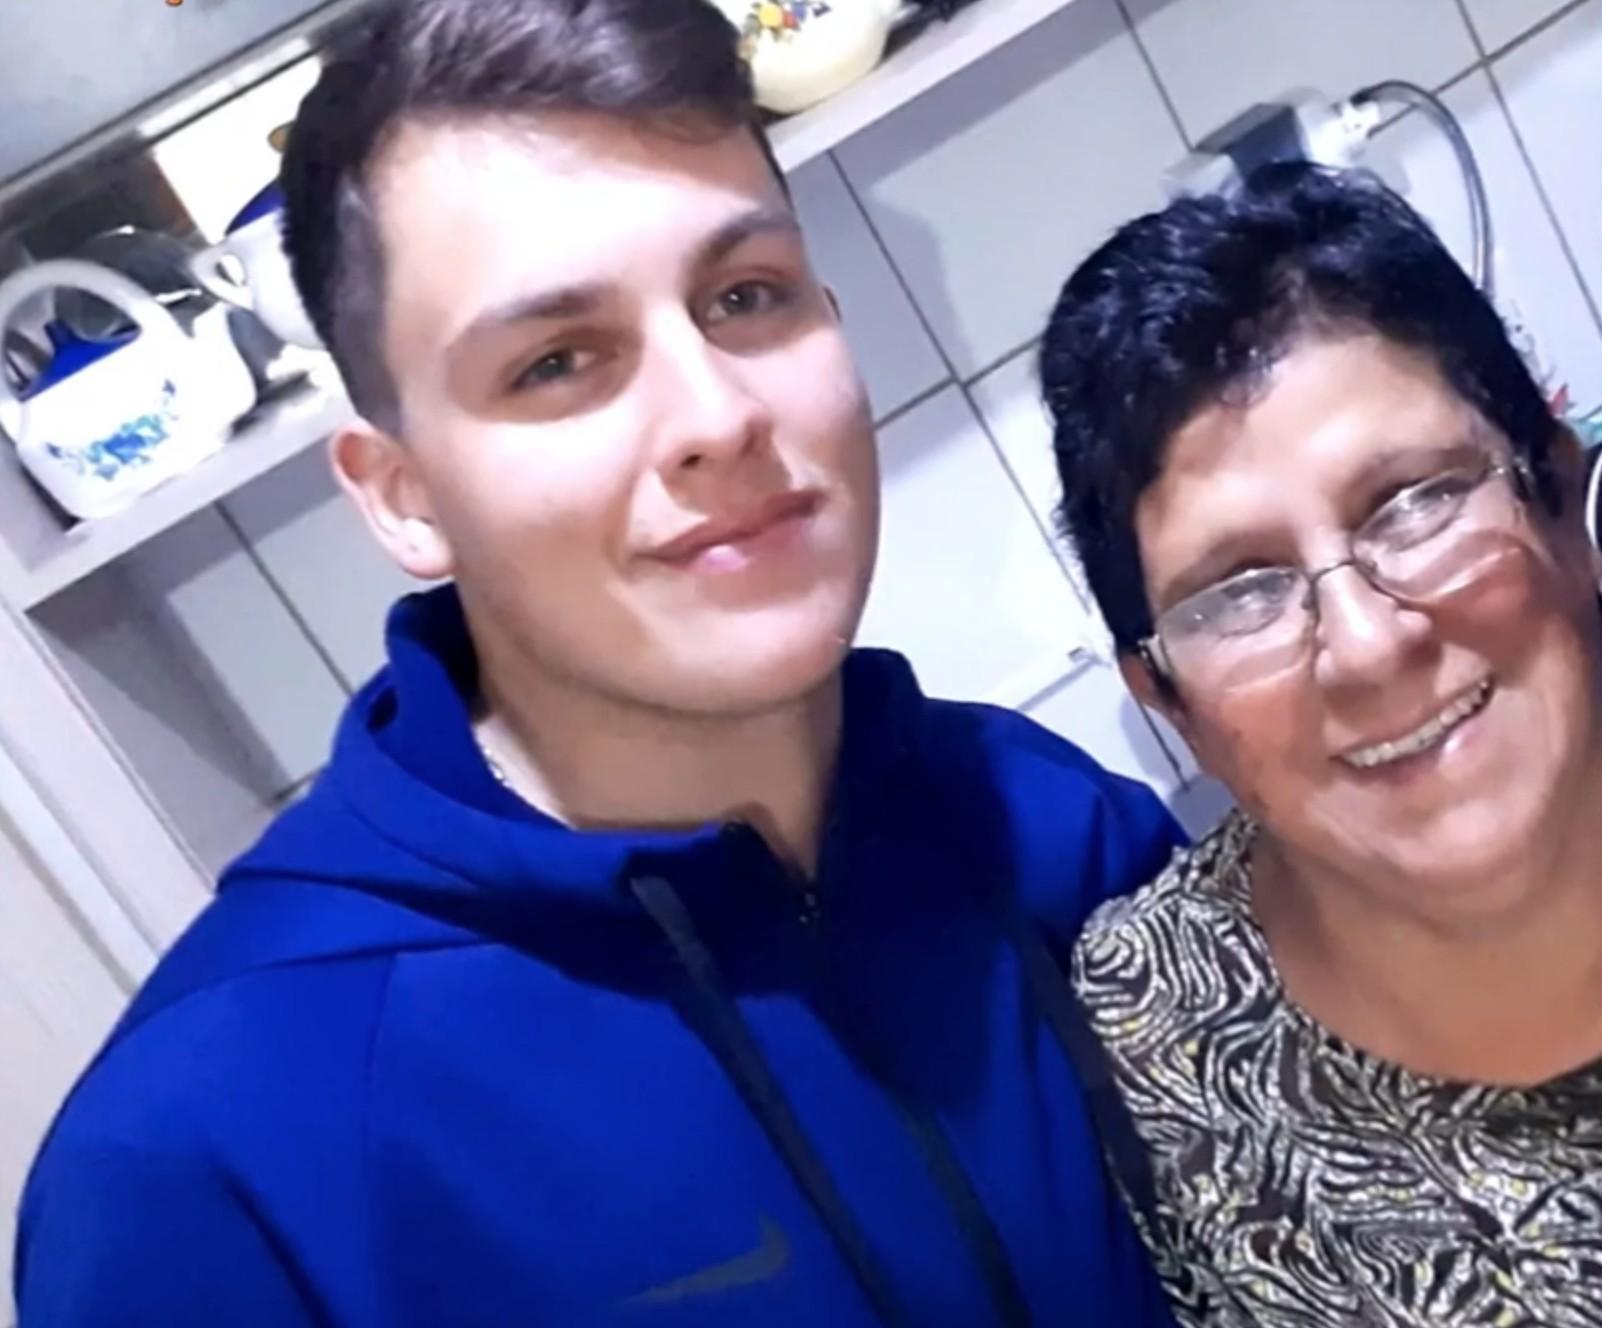 Outubro é o mês com mais homicídios dos últimos quatro anos em Caxias do Sul, diz polícia